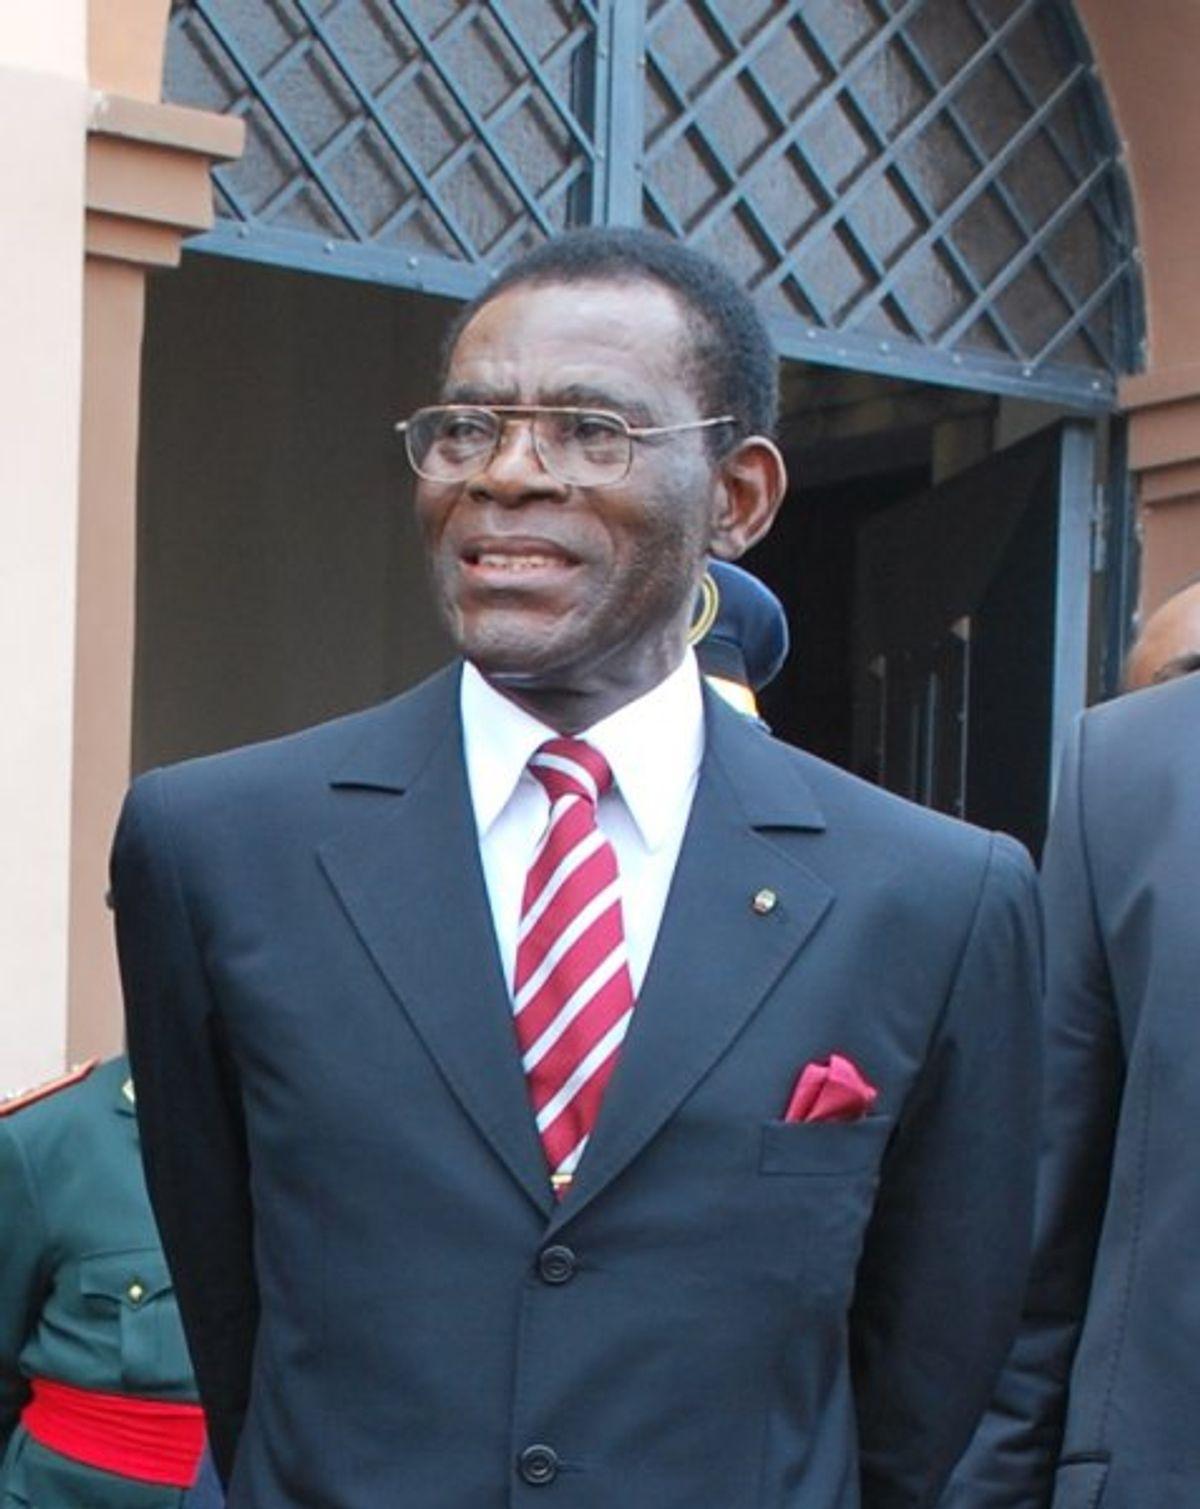 President Obiang of Equatorial Guinea